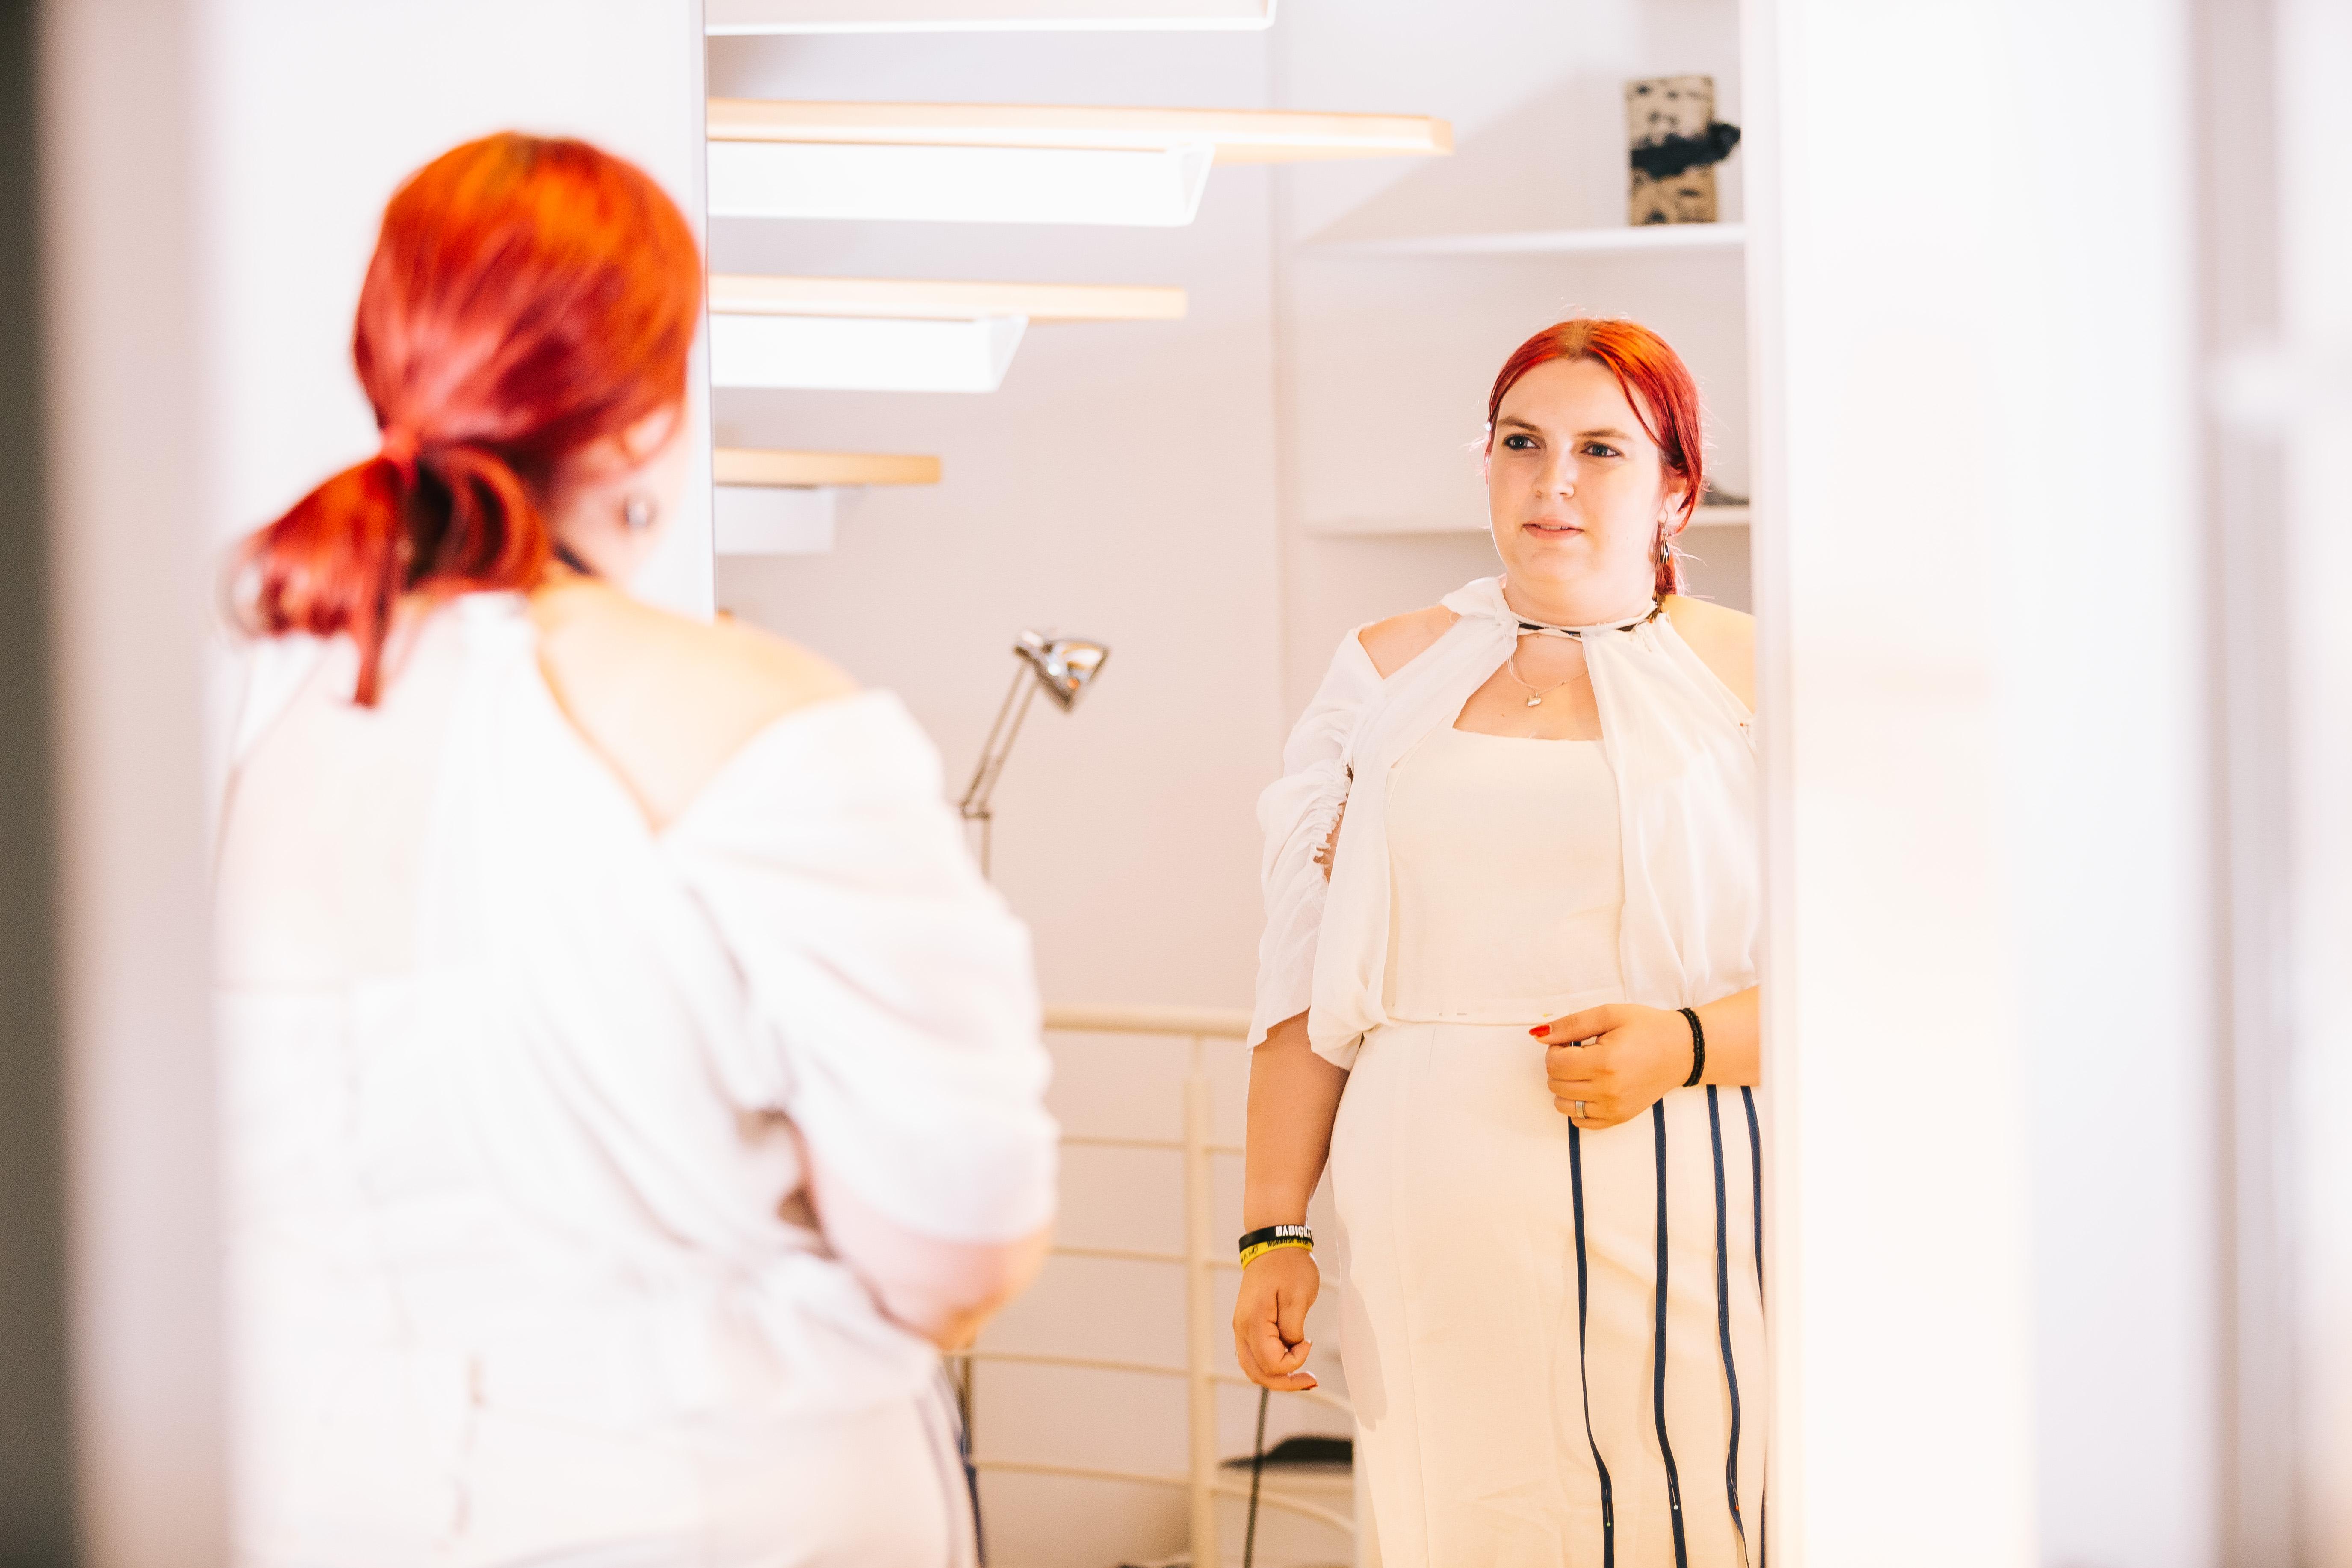 Vzácná diagnóza mladých žen – hidradenitida. Kateřina ji roky zažívá na vlastní kůži